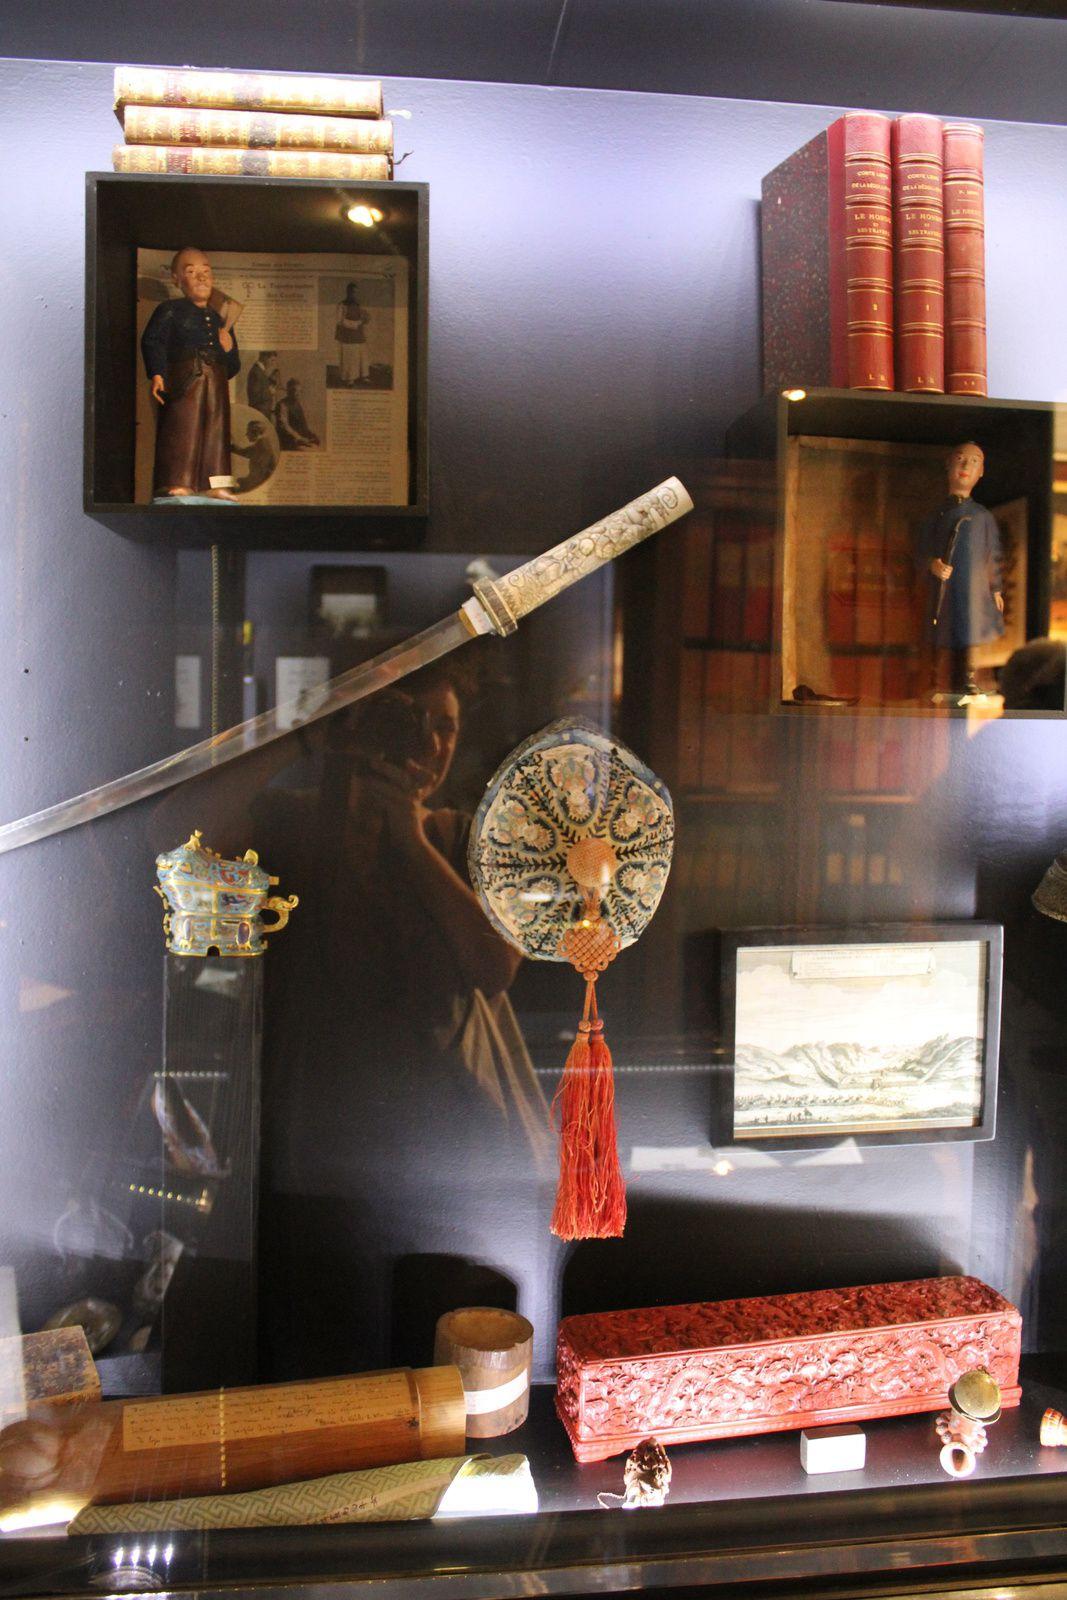 Mes préférés : les objets d'écriture, l'éventail révolutionnaire, les oiseaux naturalisés et les objets chinois comme ces chaussures de soie pour les pieds bandés (si jolis et si atroces)